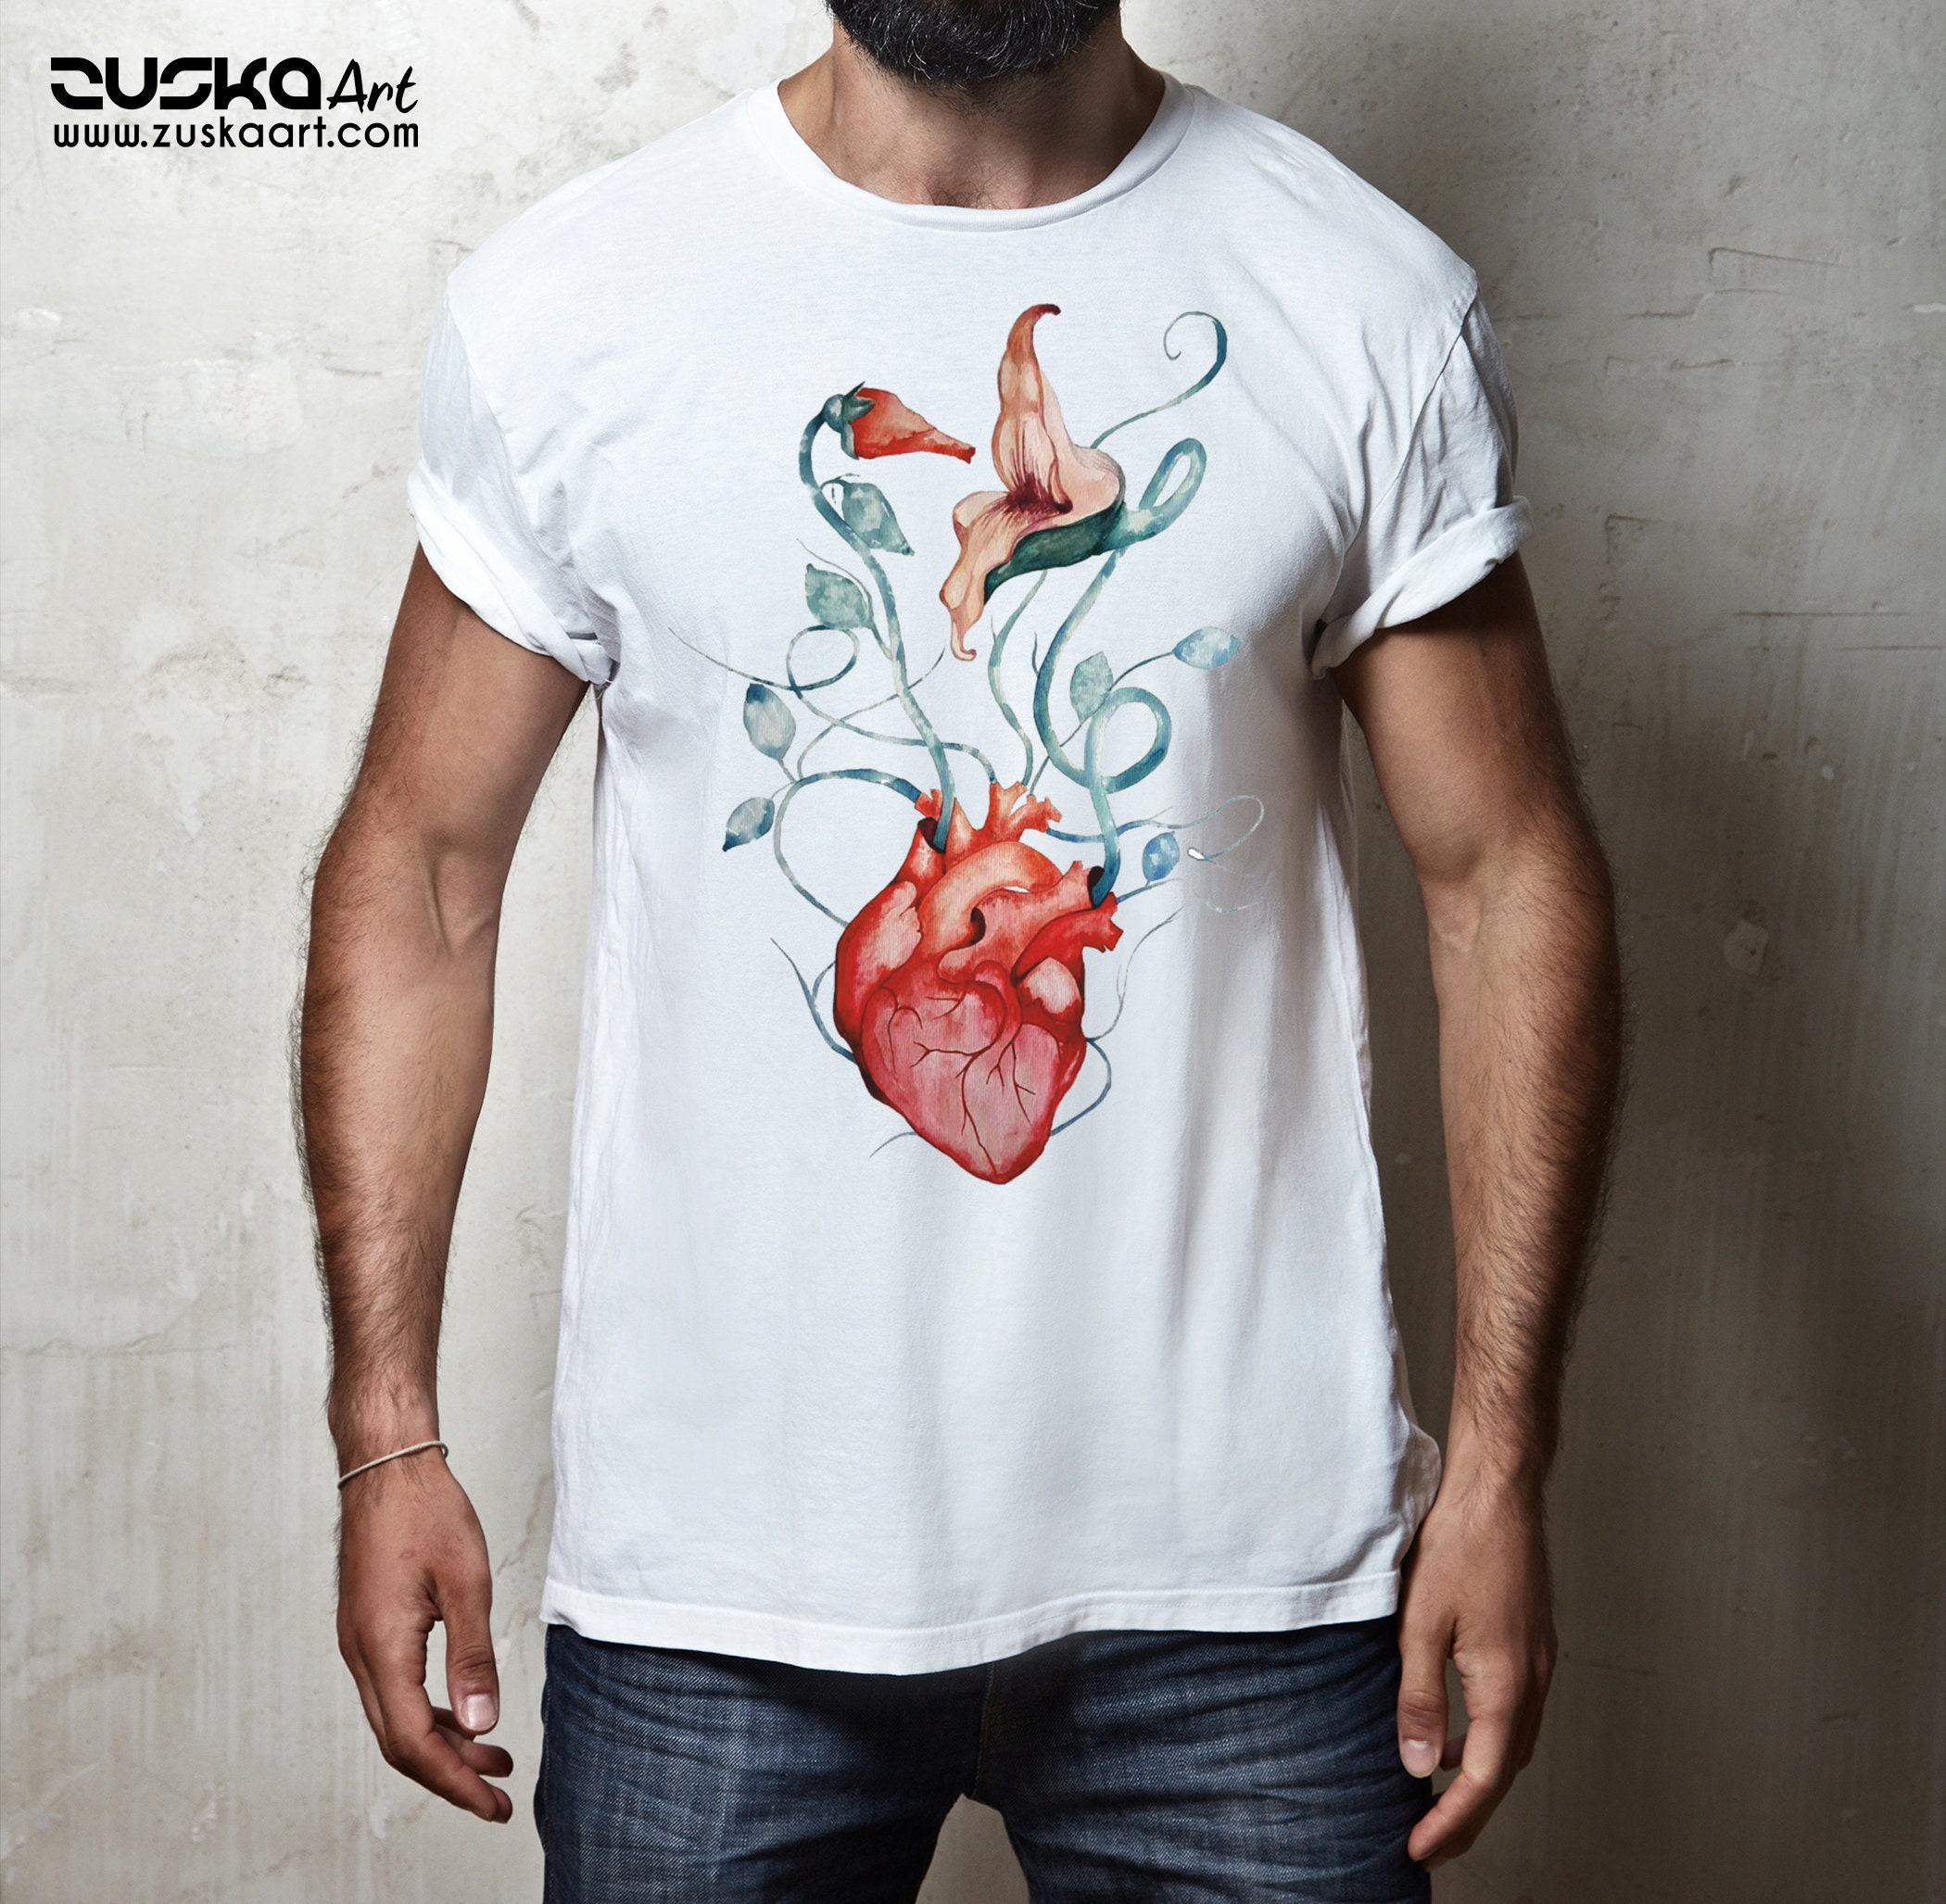 Pink Floyd The Wall Flowers Unisex T Shirt Rock Music Shirt